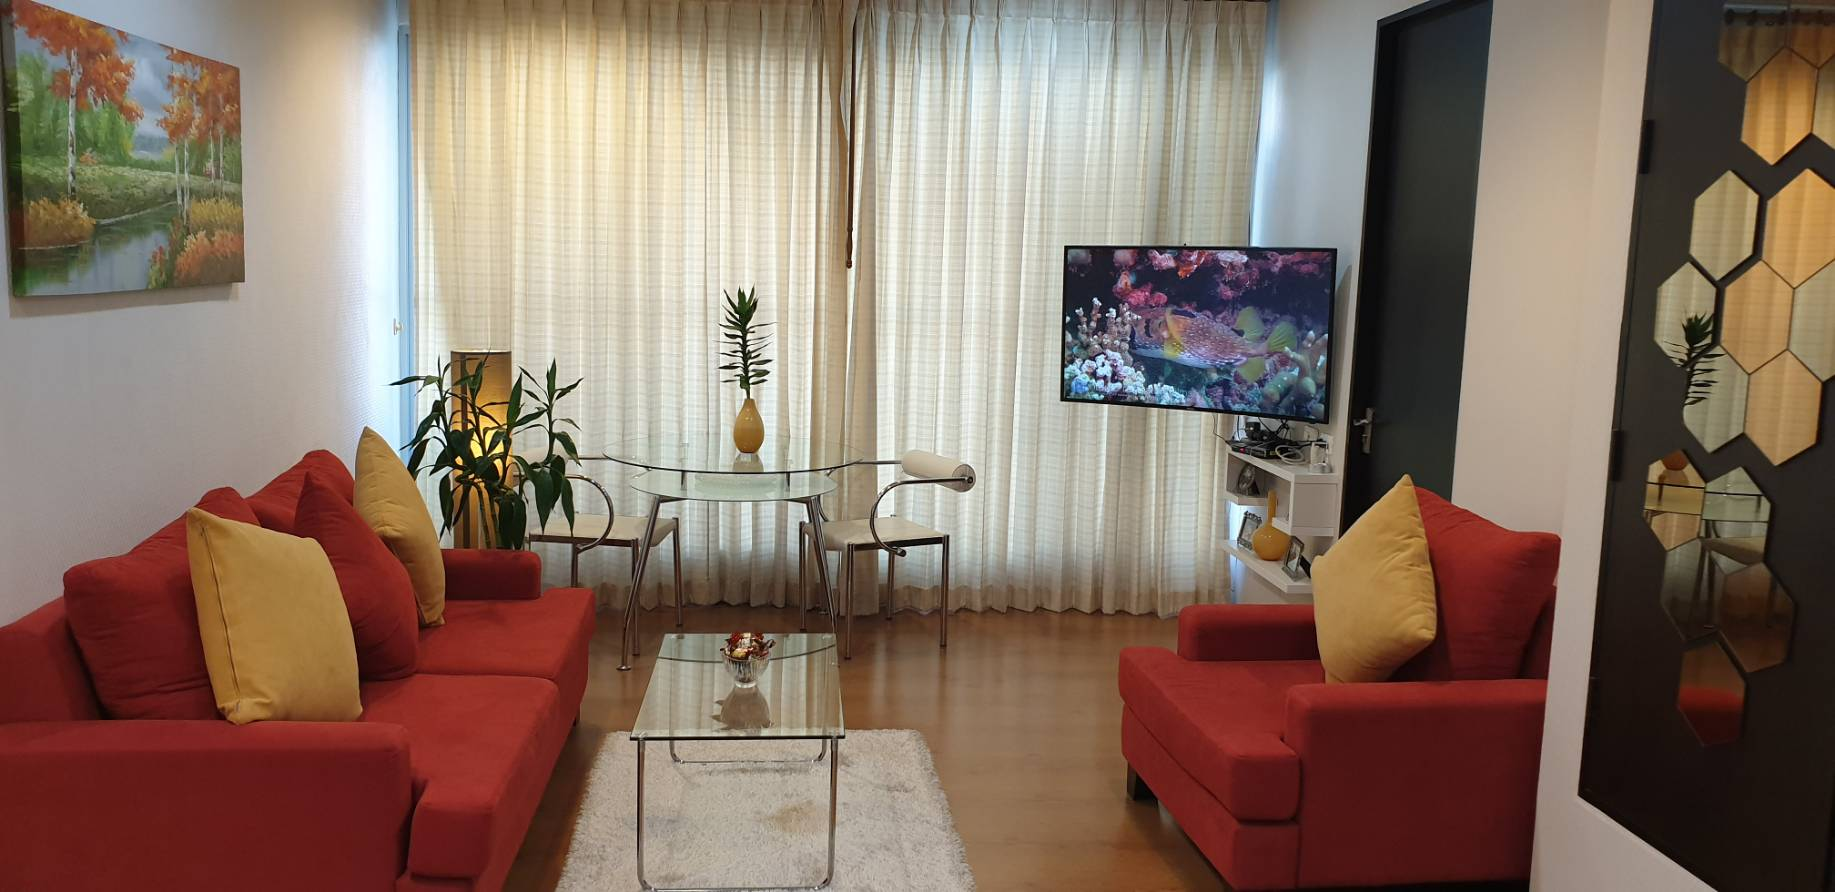 ภาพThe Address Siam - Beautifully Furnished 2 Bed / High Floor  / Ready To Move In